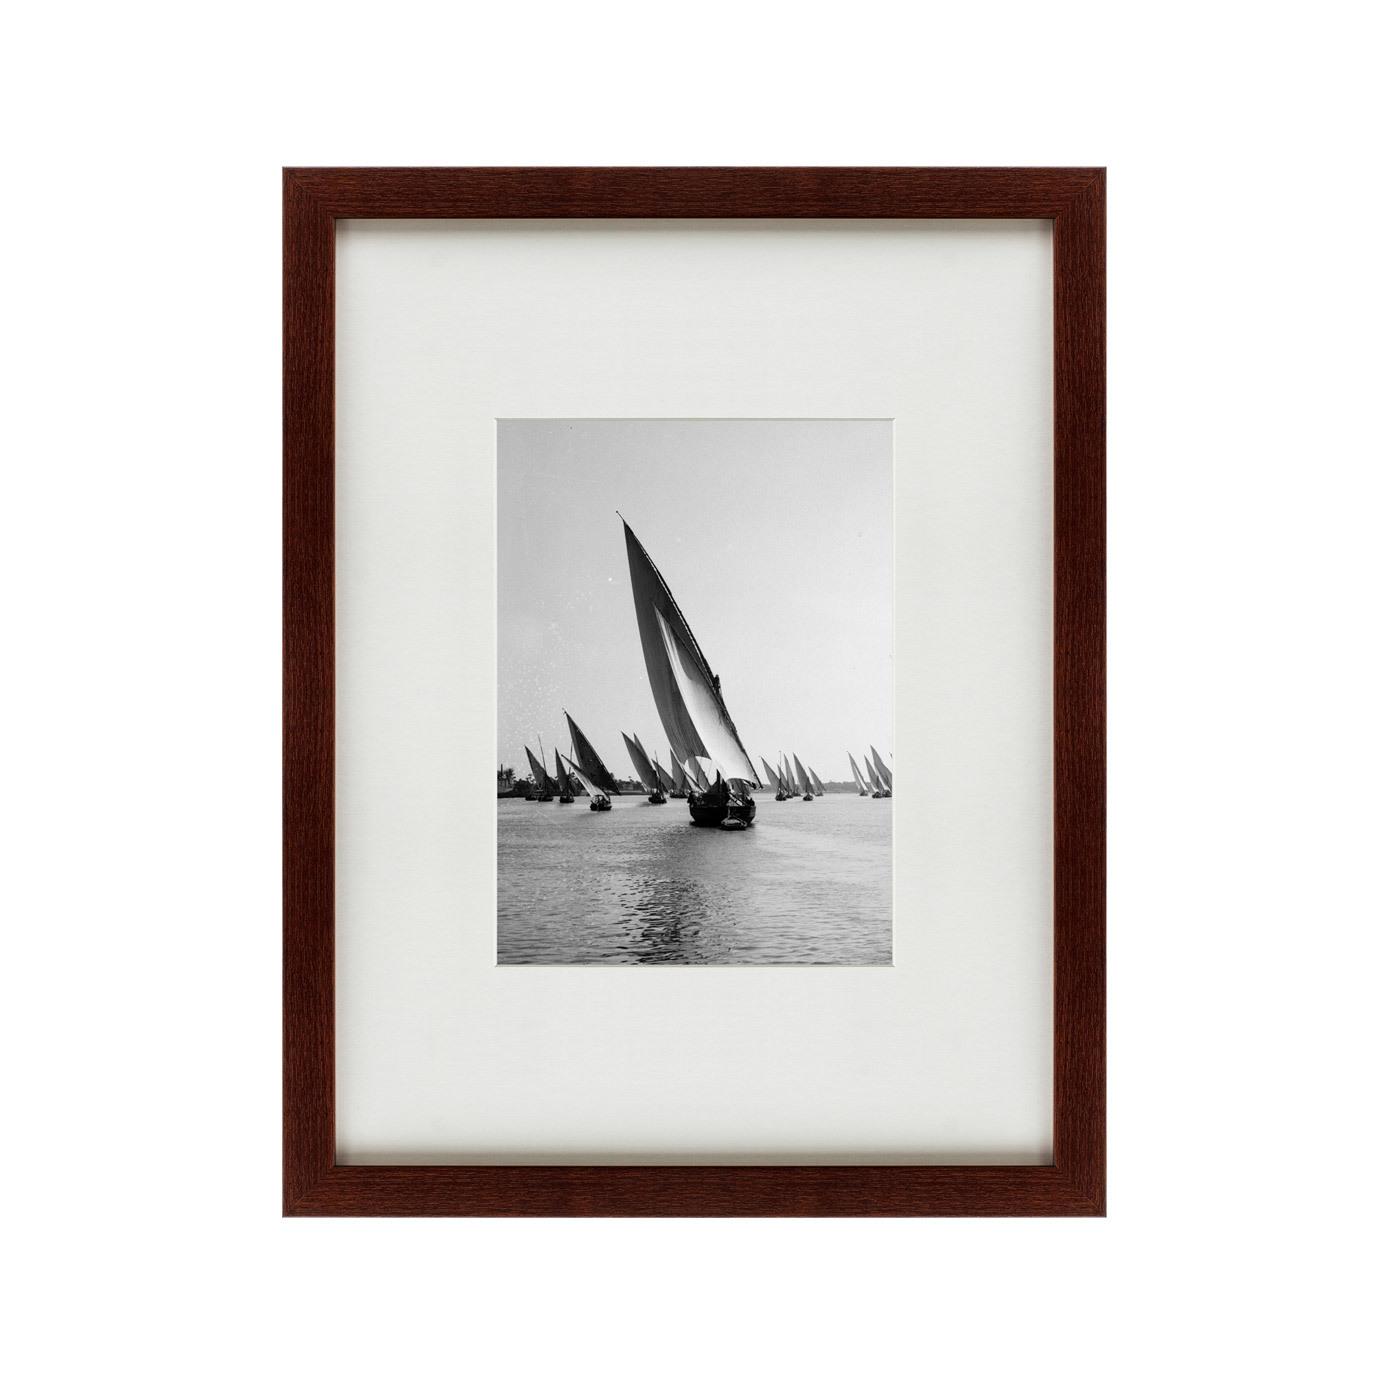 {} Картины в Квартиру Картина Регата На Ниле (47х60 см) картины в квартиру картина etude 2 102х130 см